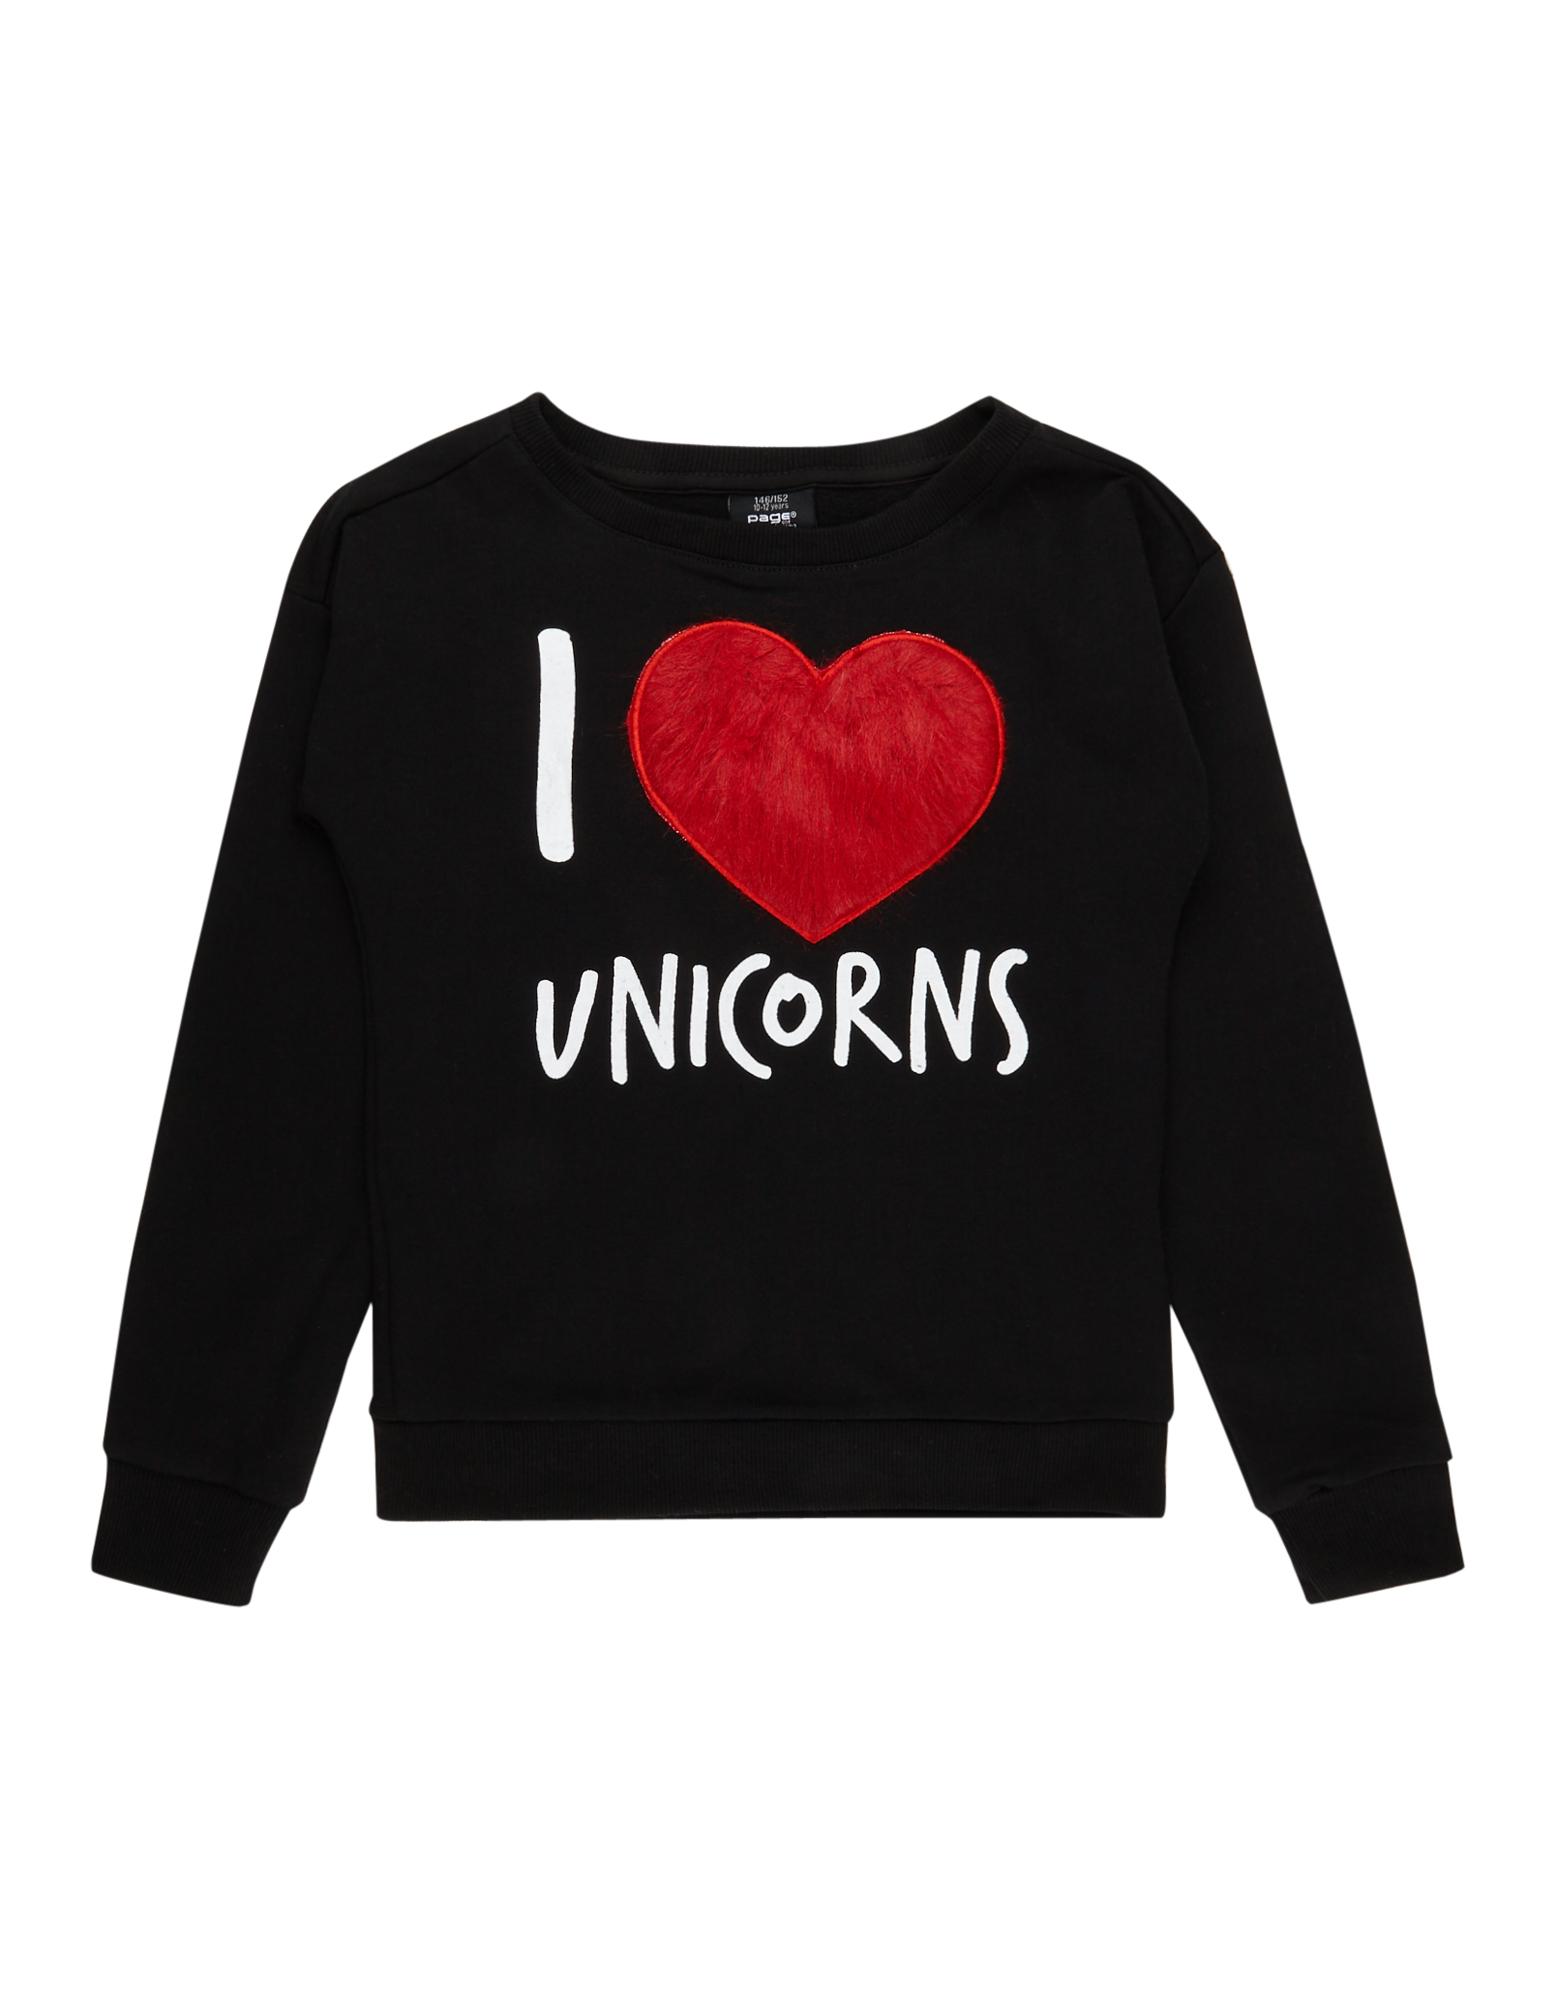 Mädchen Sweatshirt mit Fellherz-Applikation bunt,mehrfarbig,rot | 81488181800407